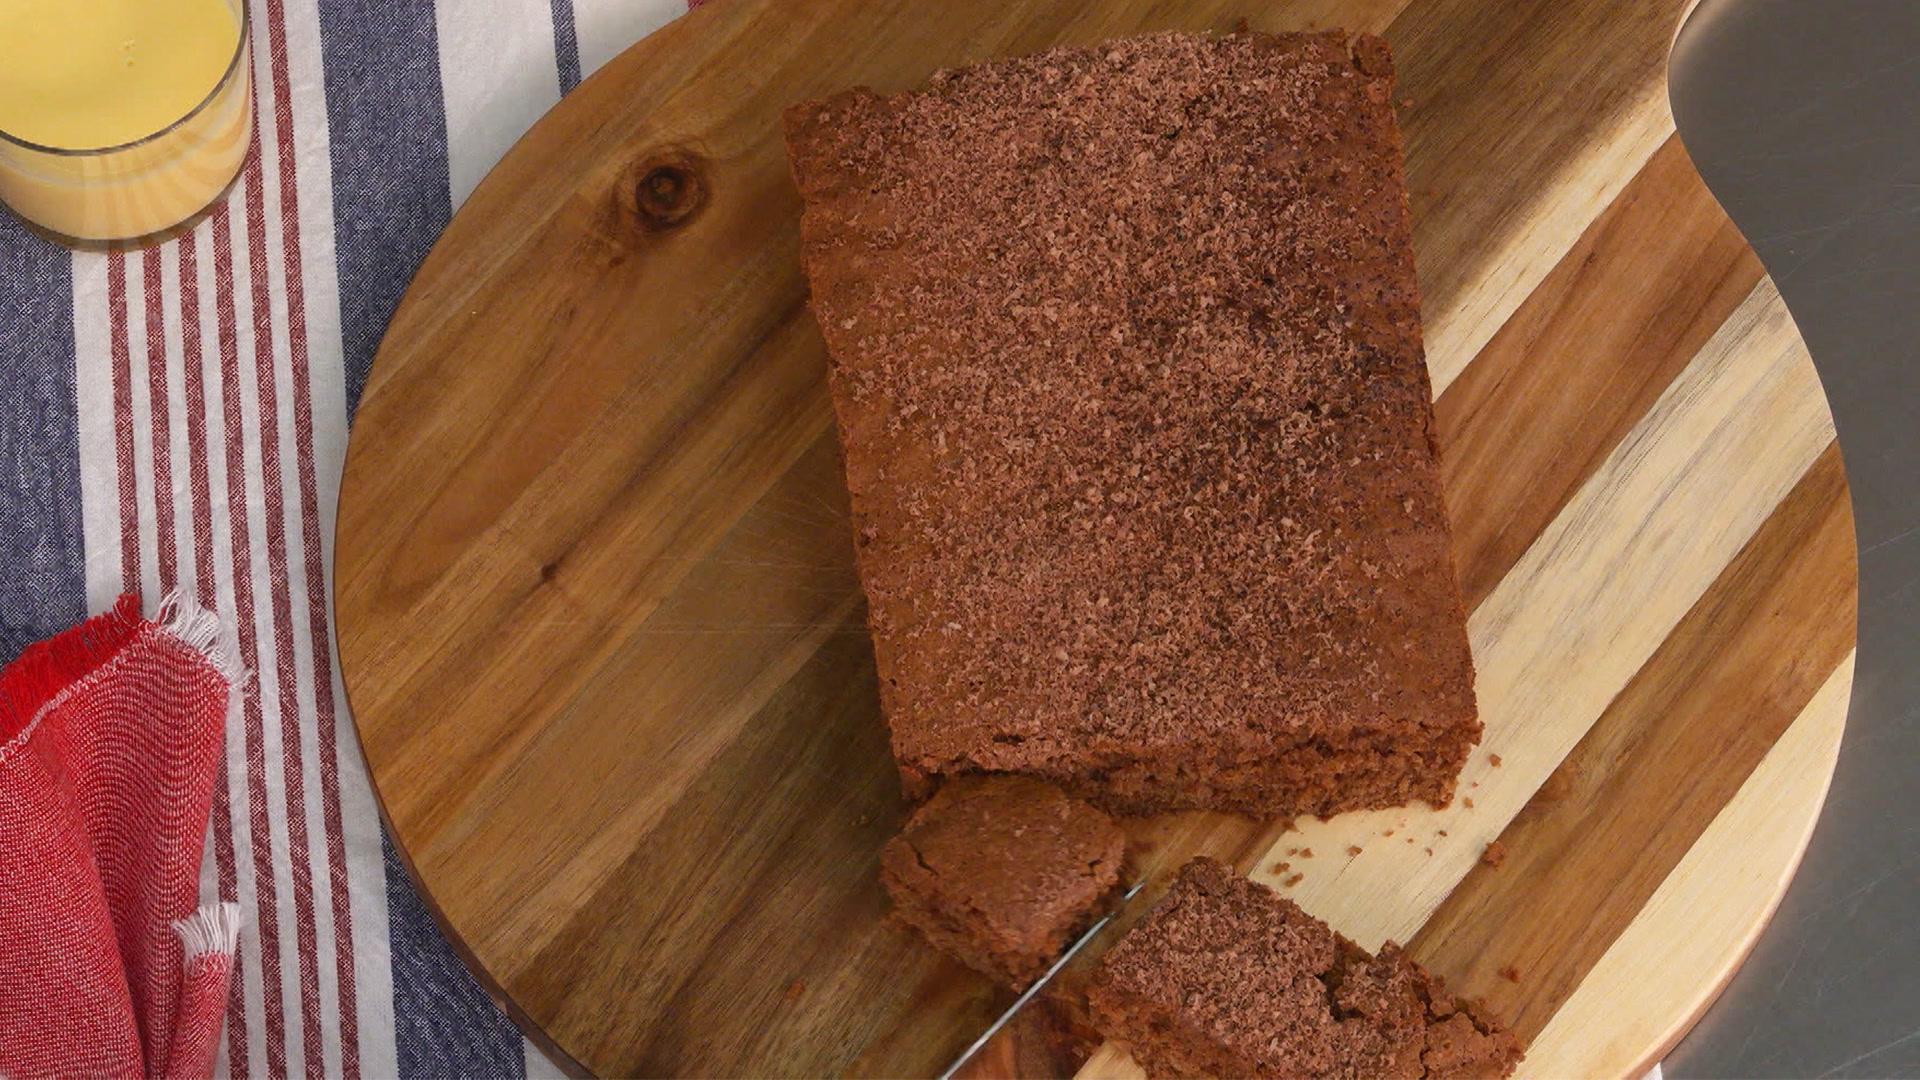 La receta más fácil del bizcocho de chocolate